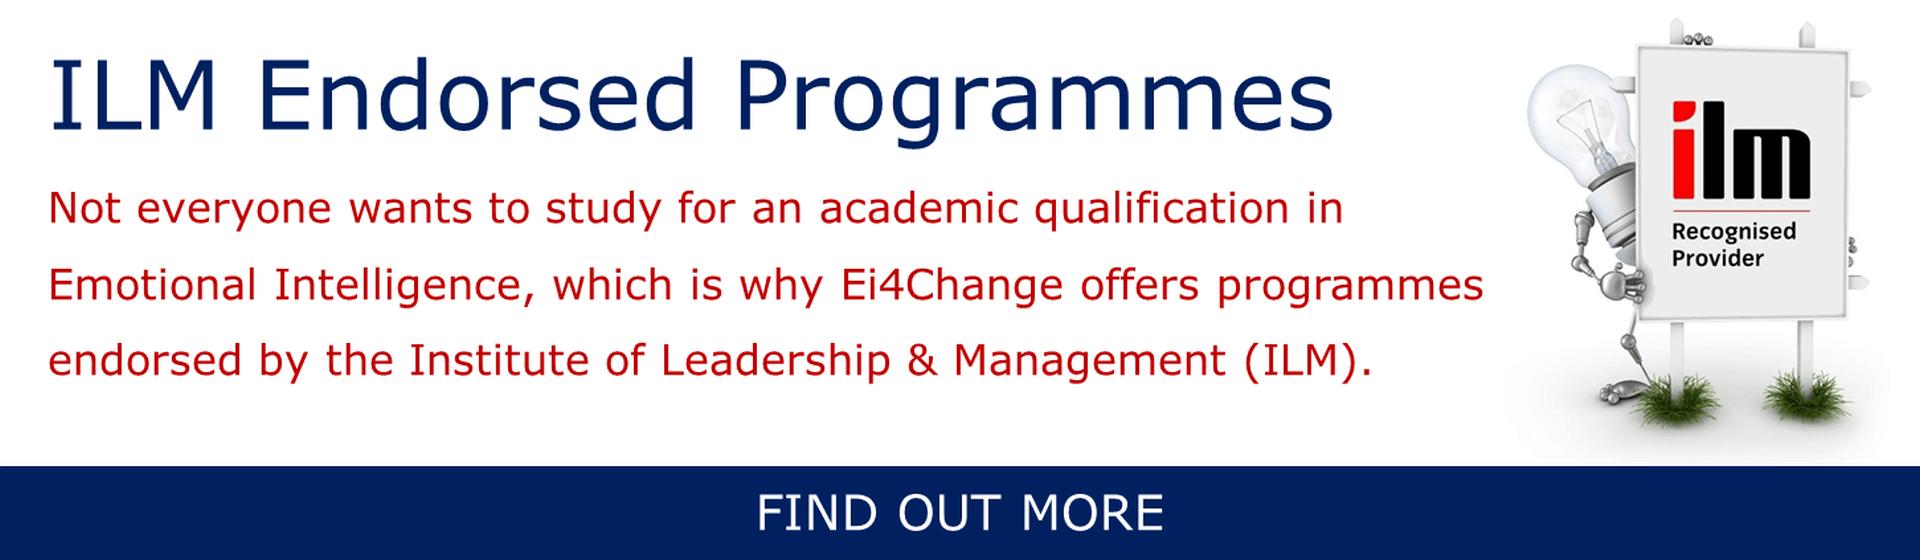 Ei4Change ILM Endorsed Programmes Banner